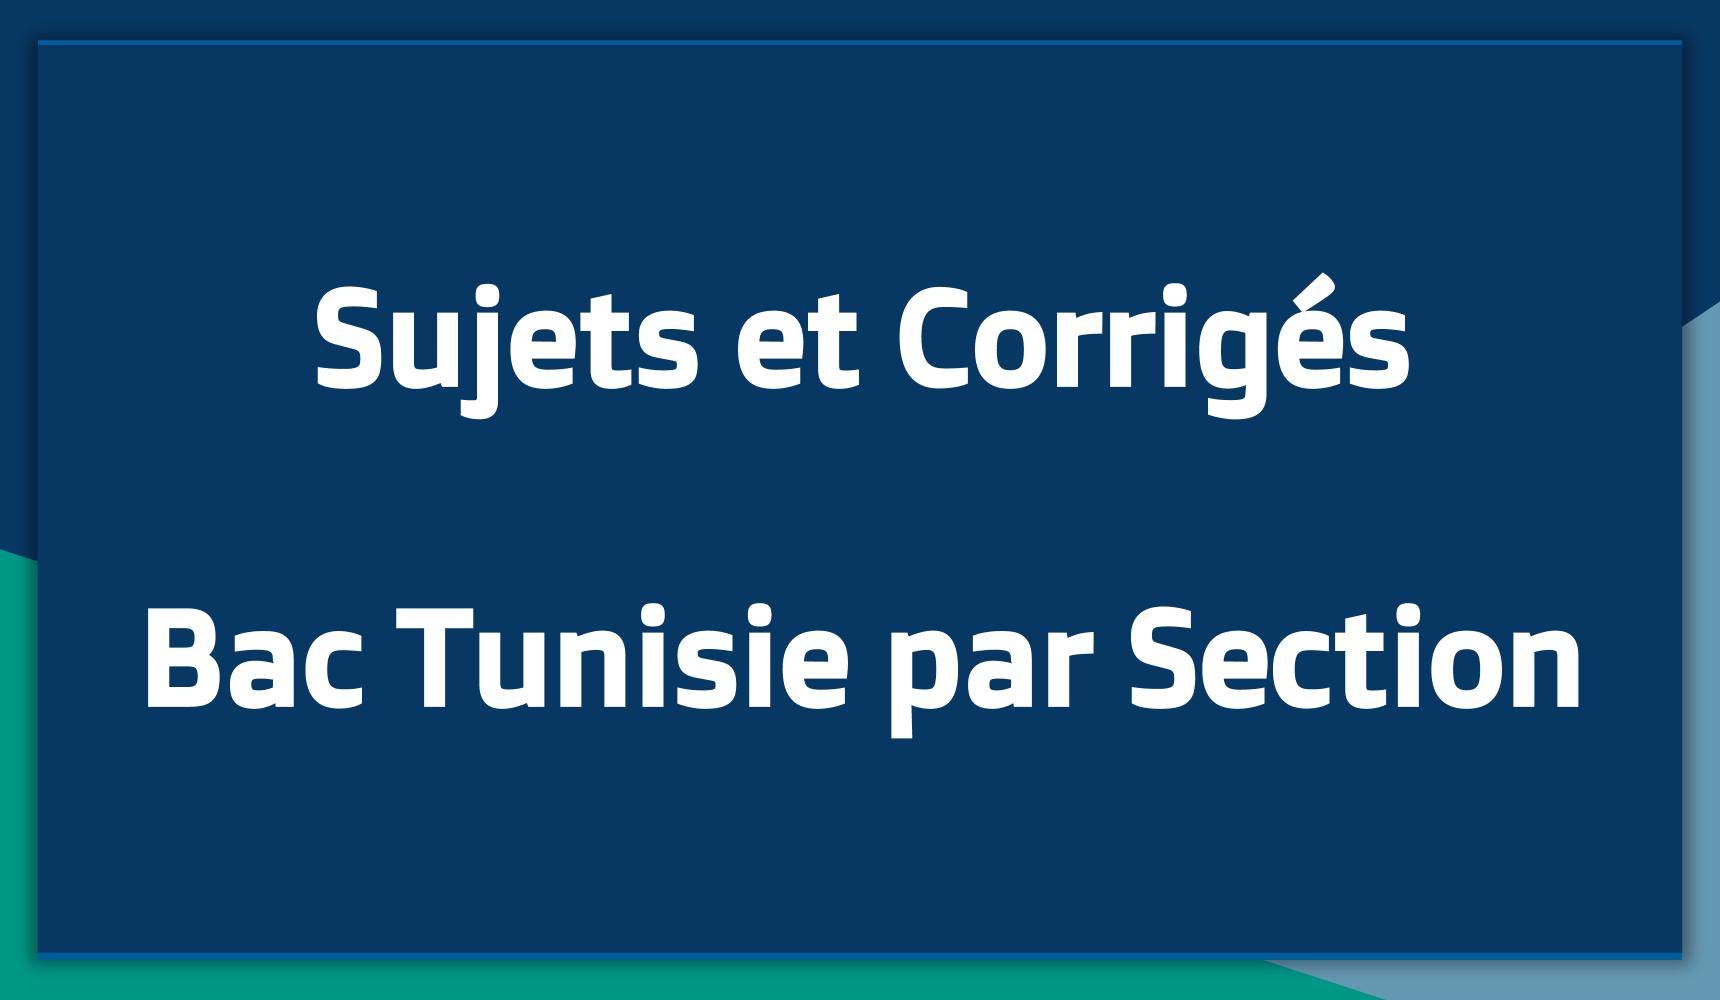 Sujets et Corrigés du Bac en Tunisie par Section